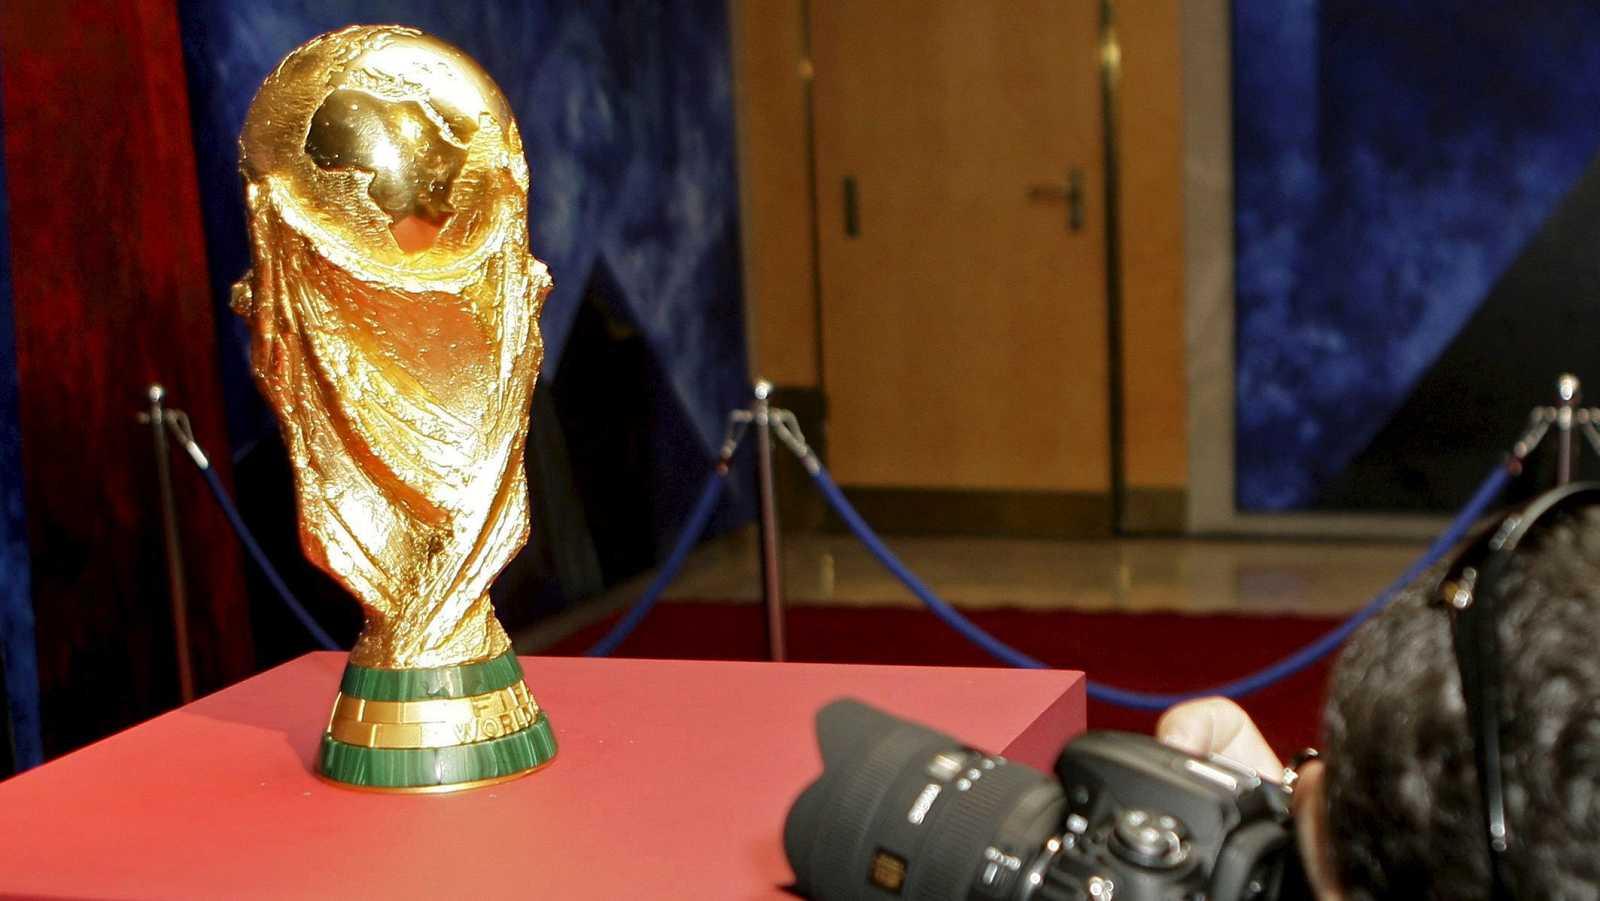 La Copa del Mundo estará este sábado expuesta en la Plaza de Colón